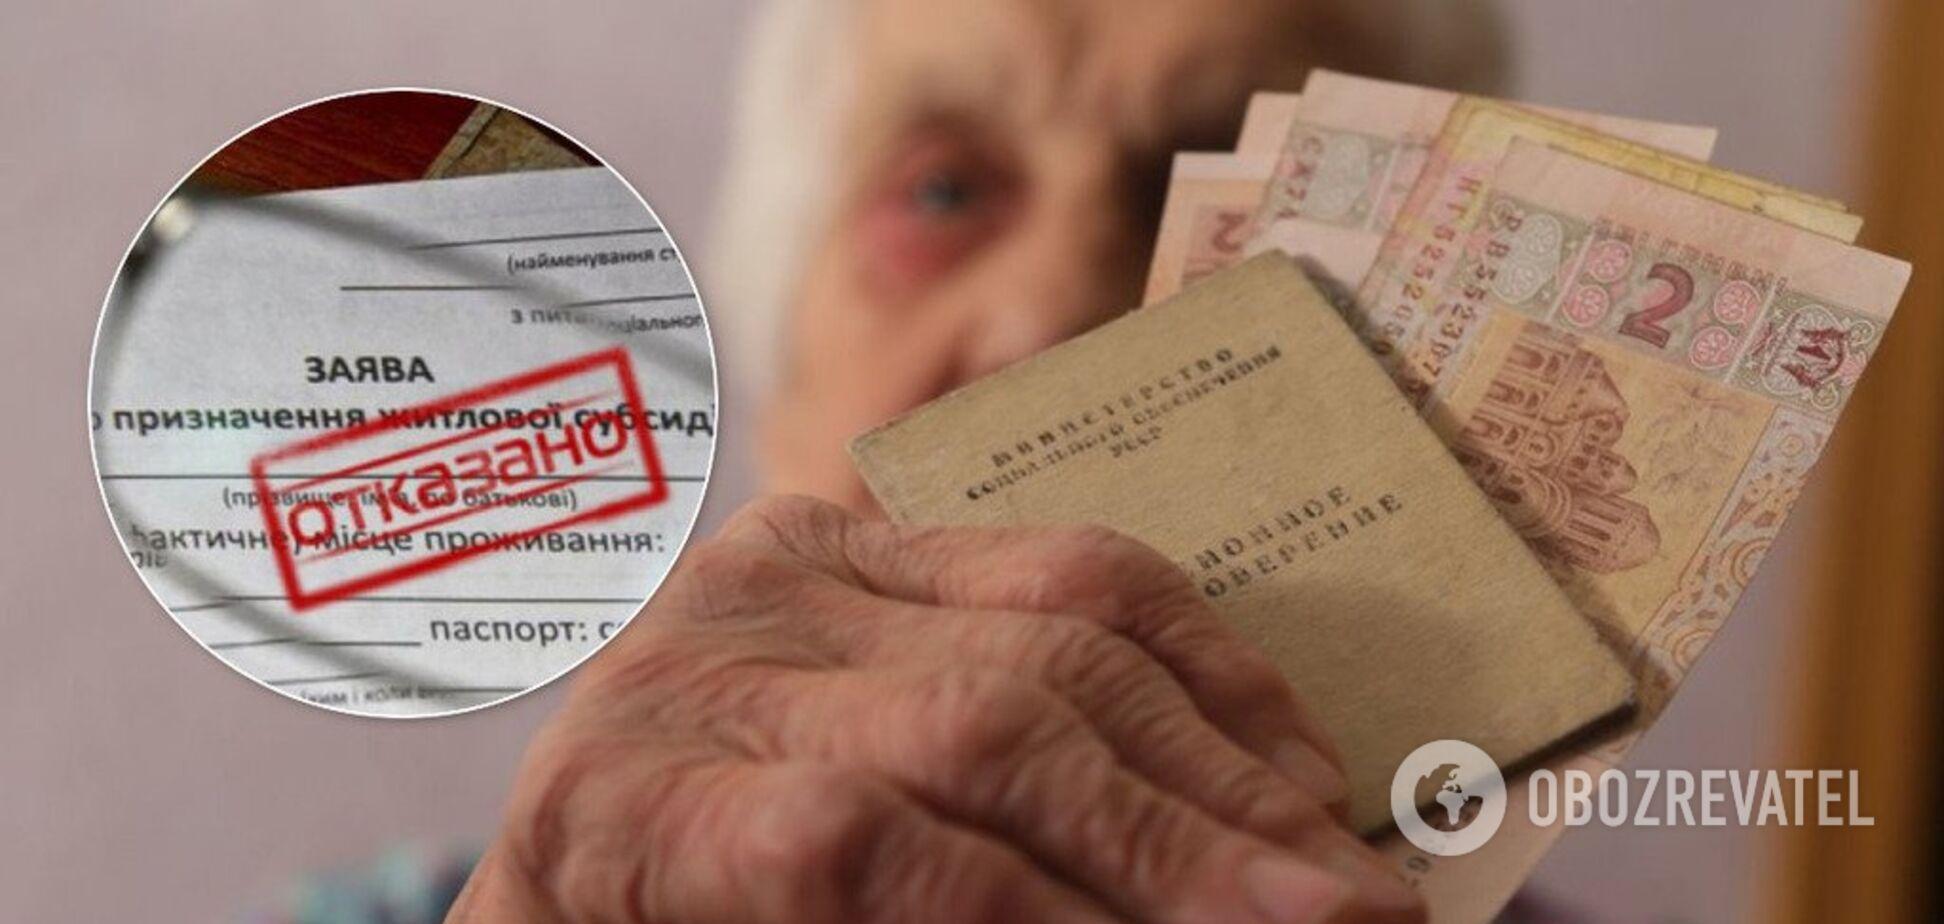 Кому доведеться повернути соцдопомогу до бюджету: в Україні відбудеться масштабна перевірка пільговиків